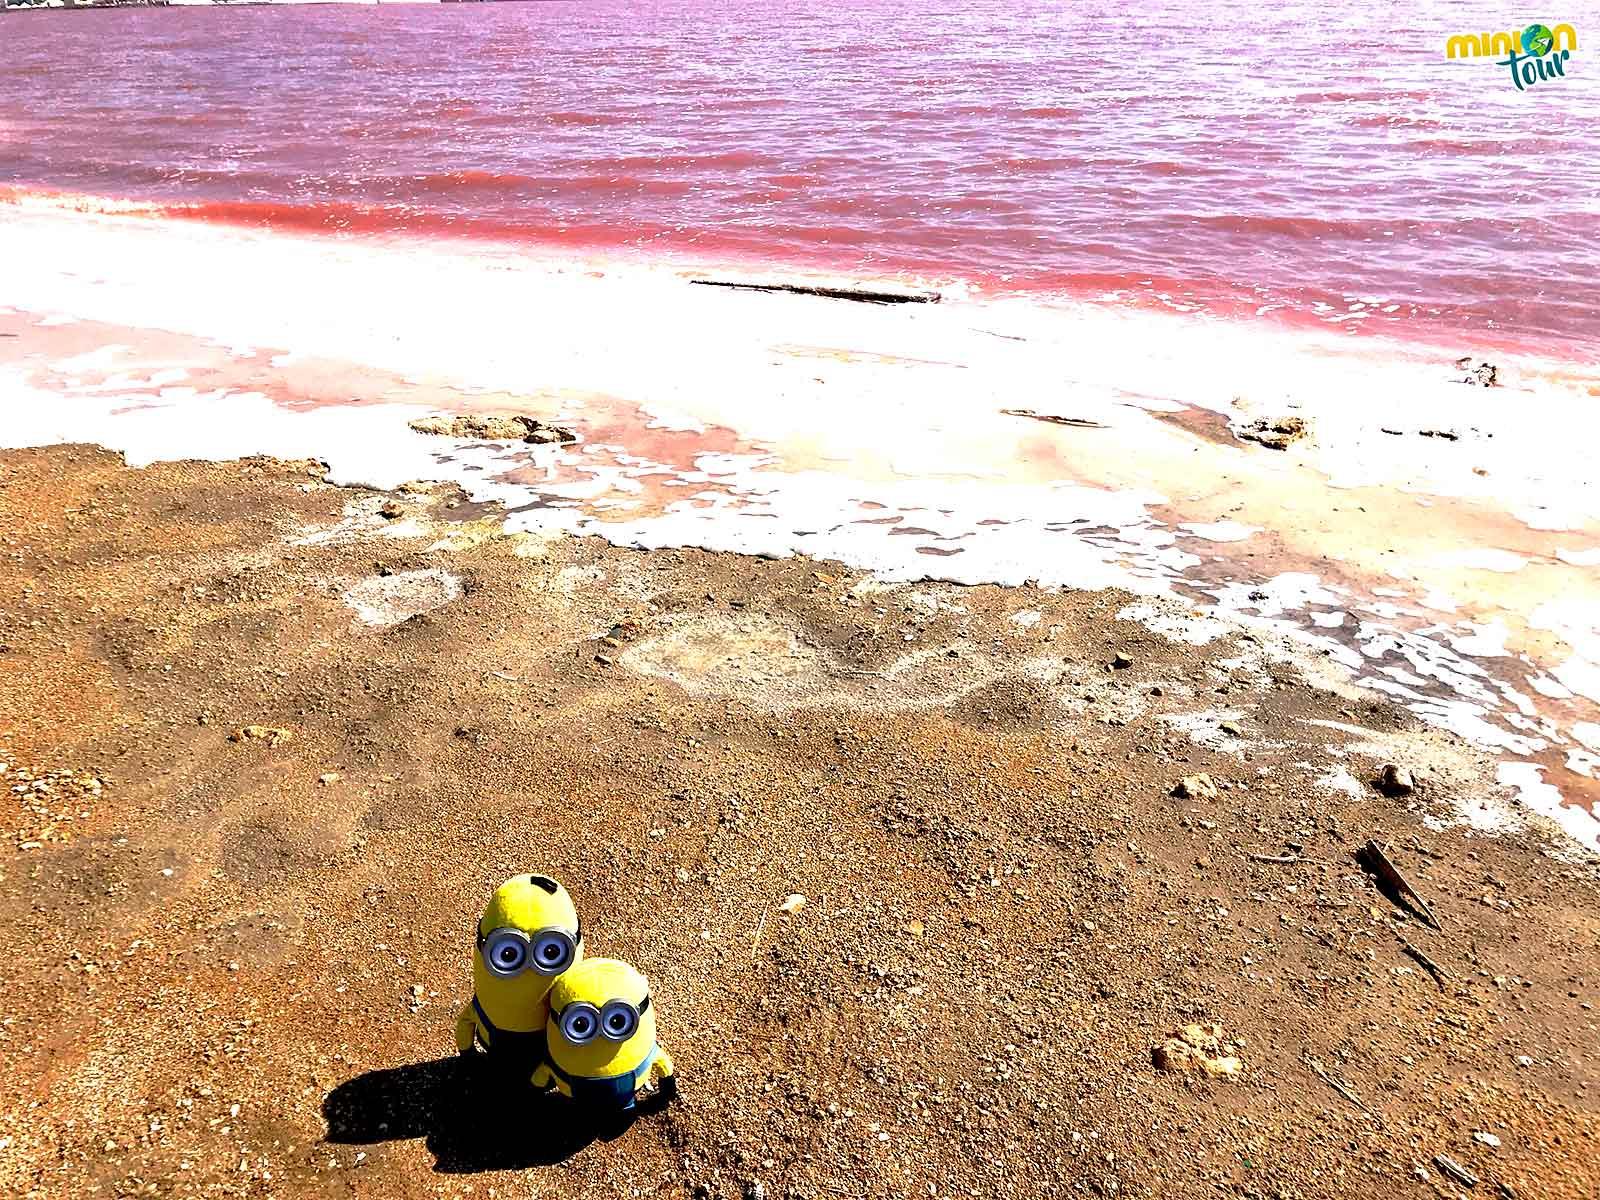 Pues sí que es rosa el agua sí